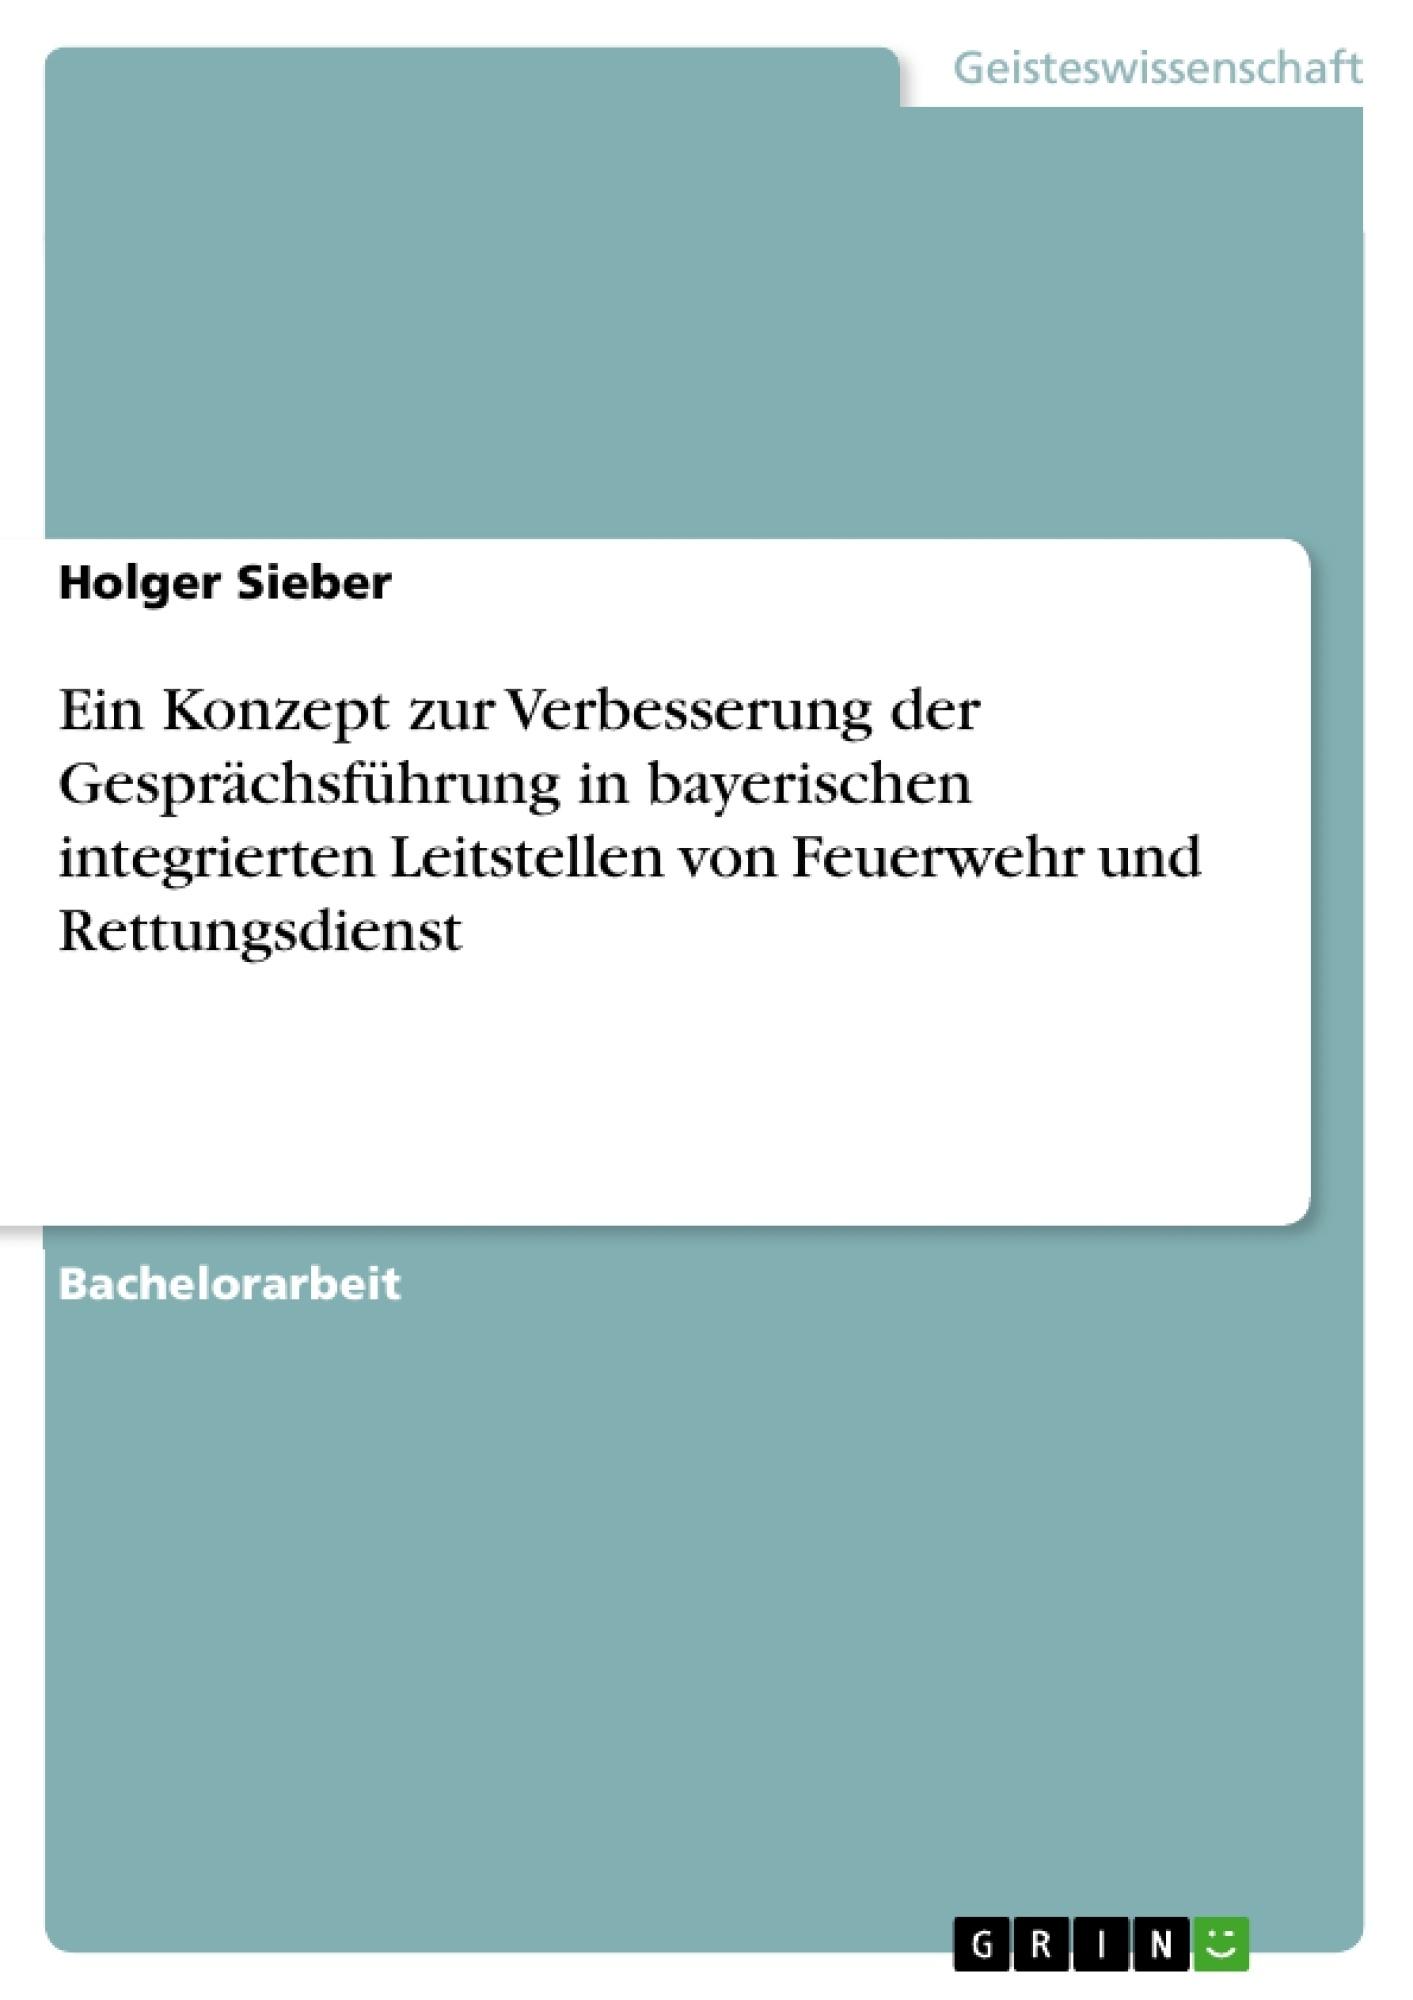 Titel: Ein Konzept zur Verbesserung der Gesprächsführung in bayerischen integrierten Leitstellen von Feuerwehr und Rettungsdienst